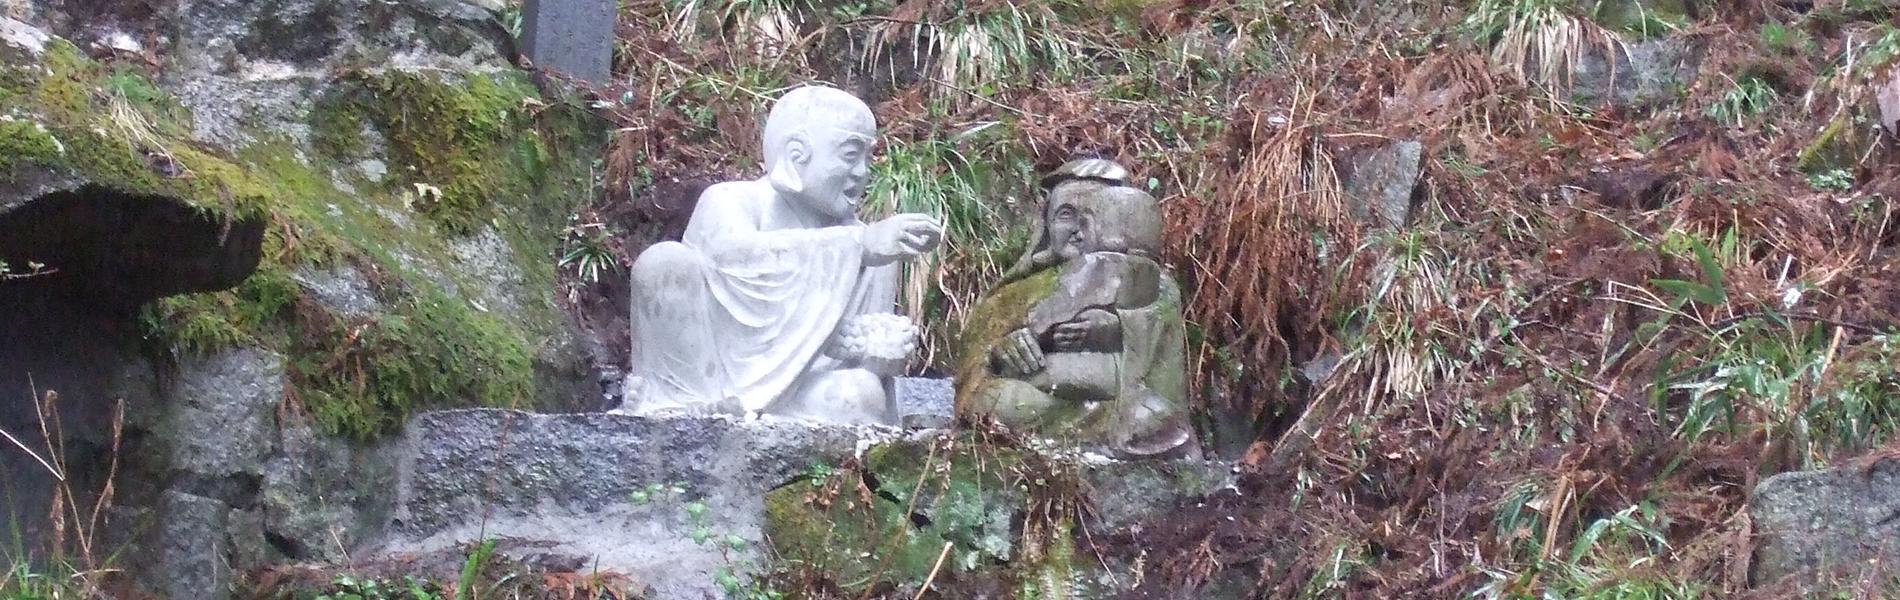 羅漢の店 水野石材店 羅漢彫刻